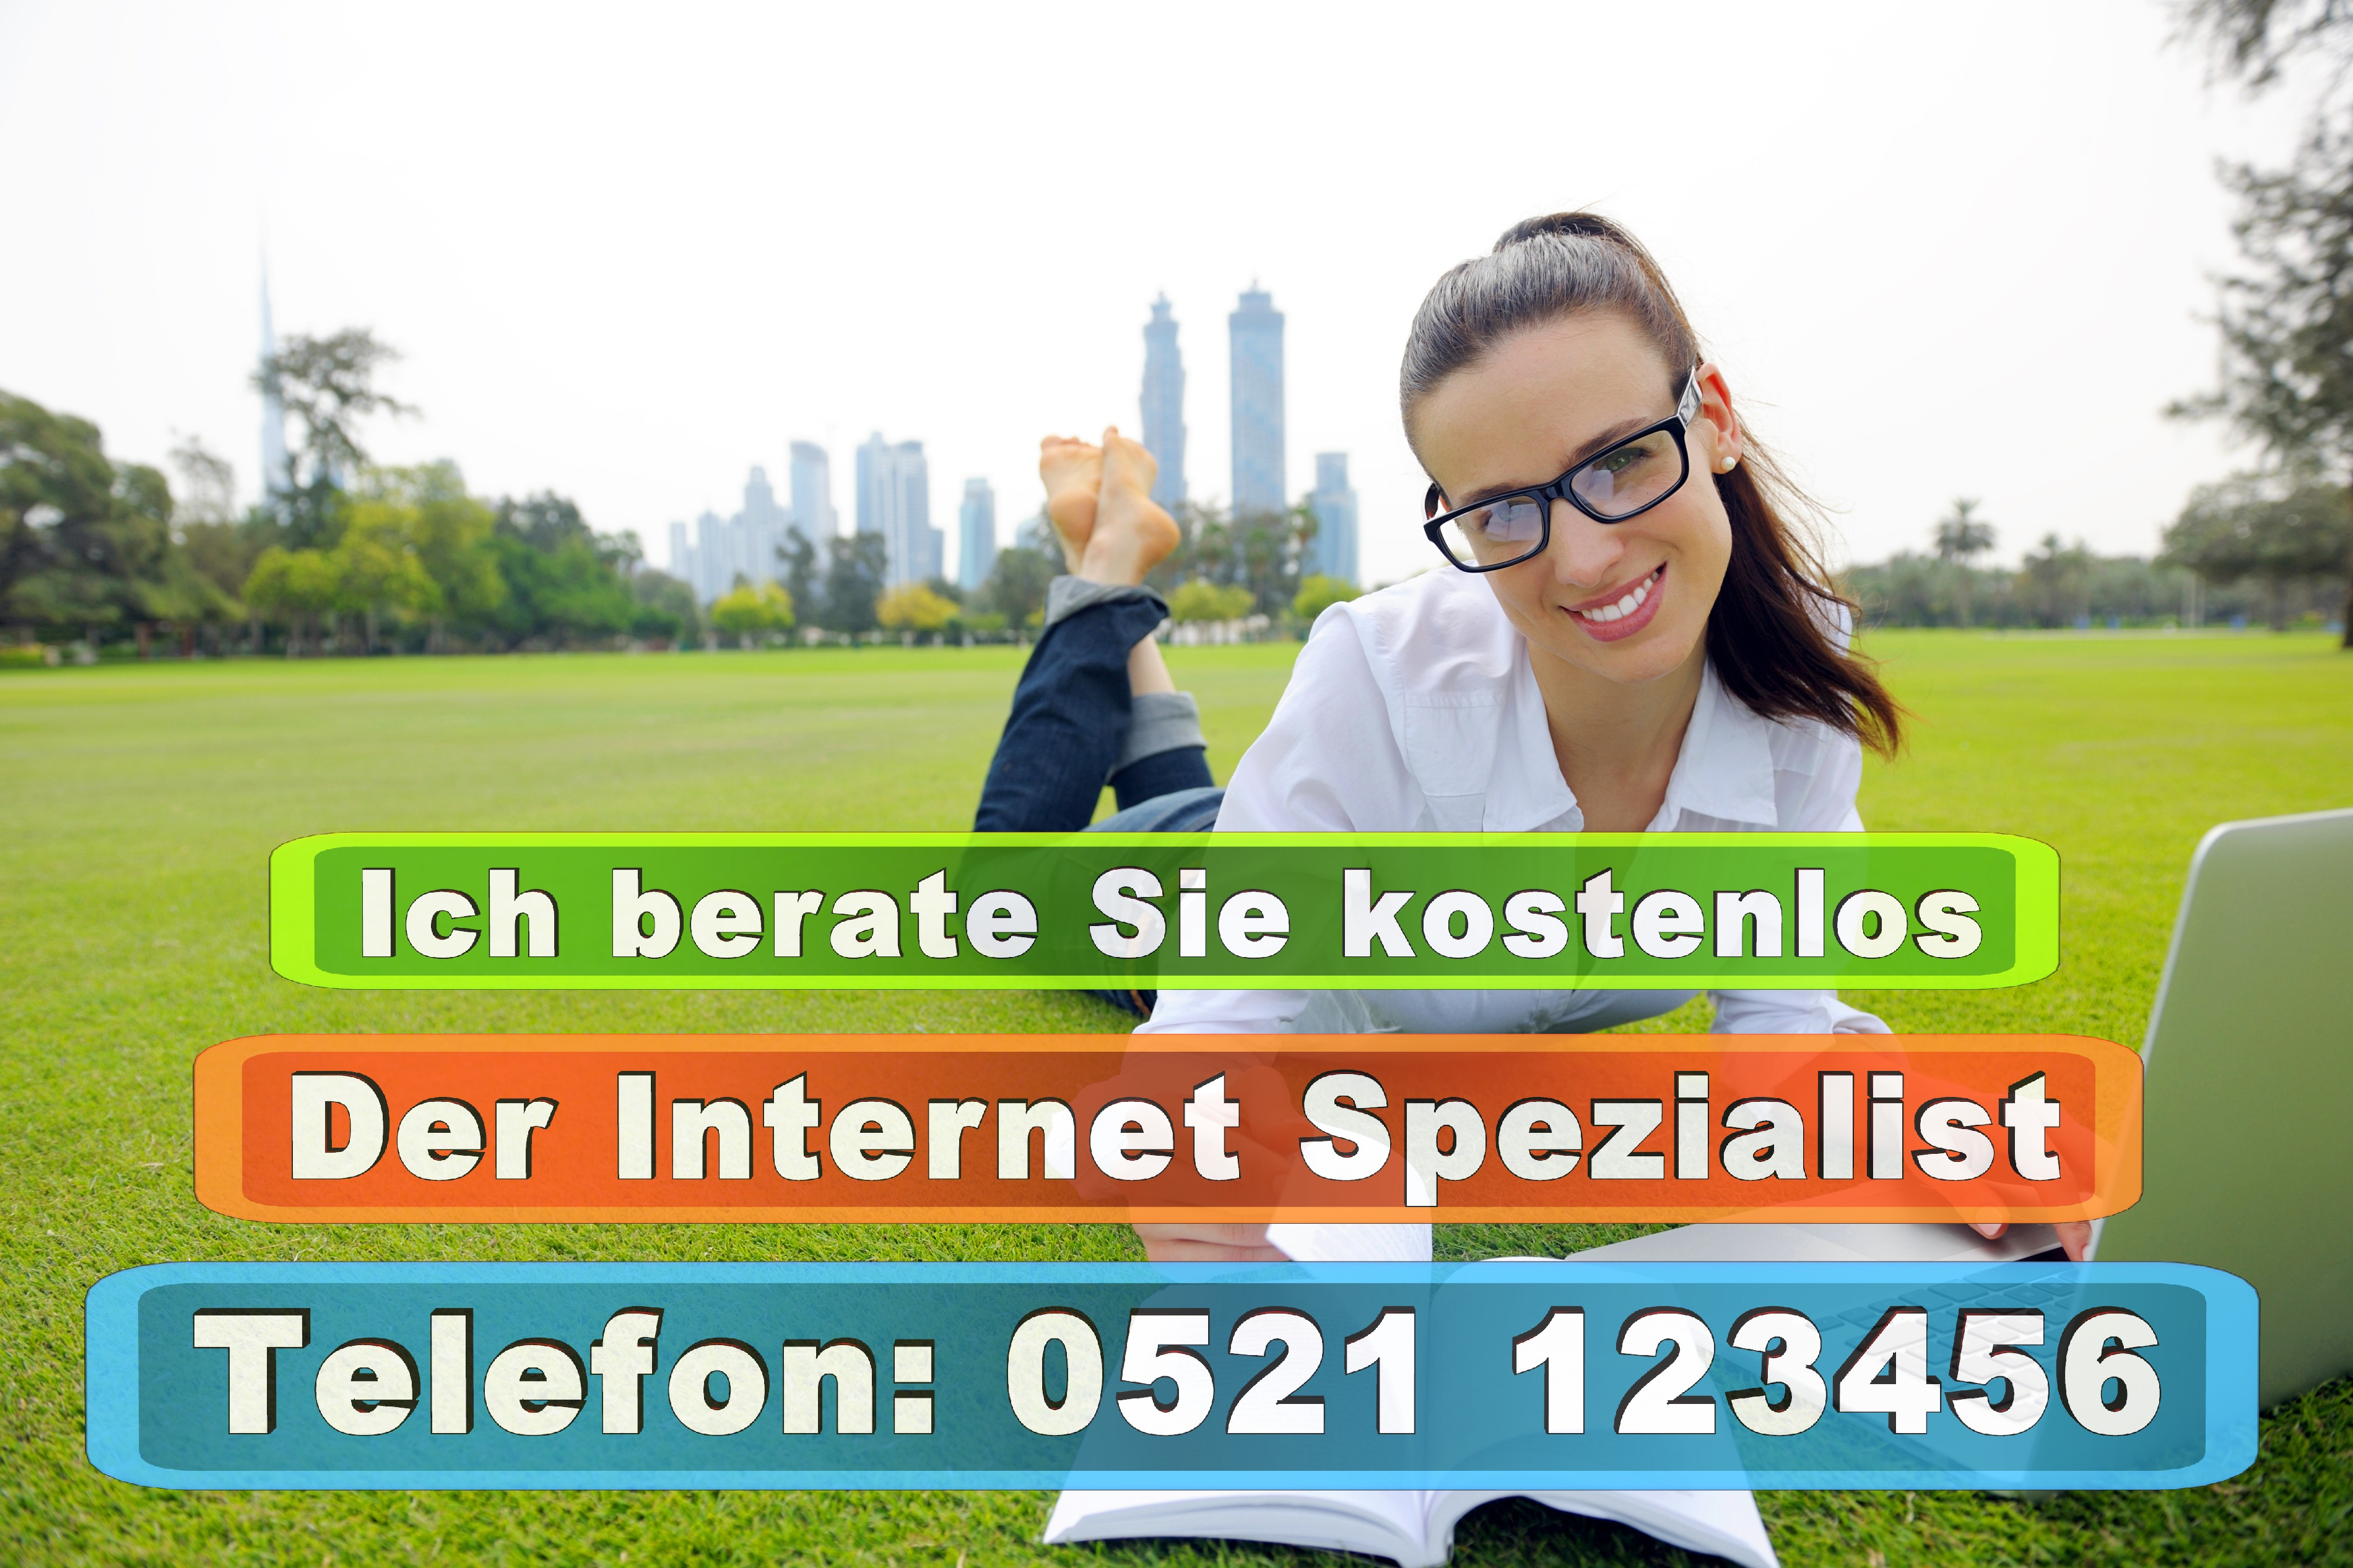 UNI Bielefeld Universität Bielefeld NRW Studentenwohnheim Mensa UNI Bielefeld NRW (10)